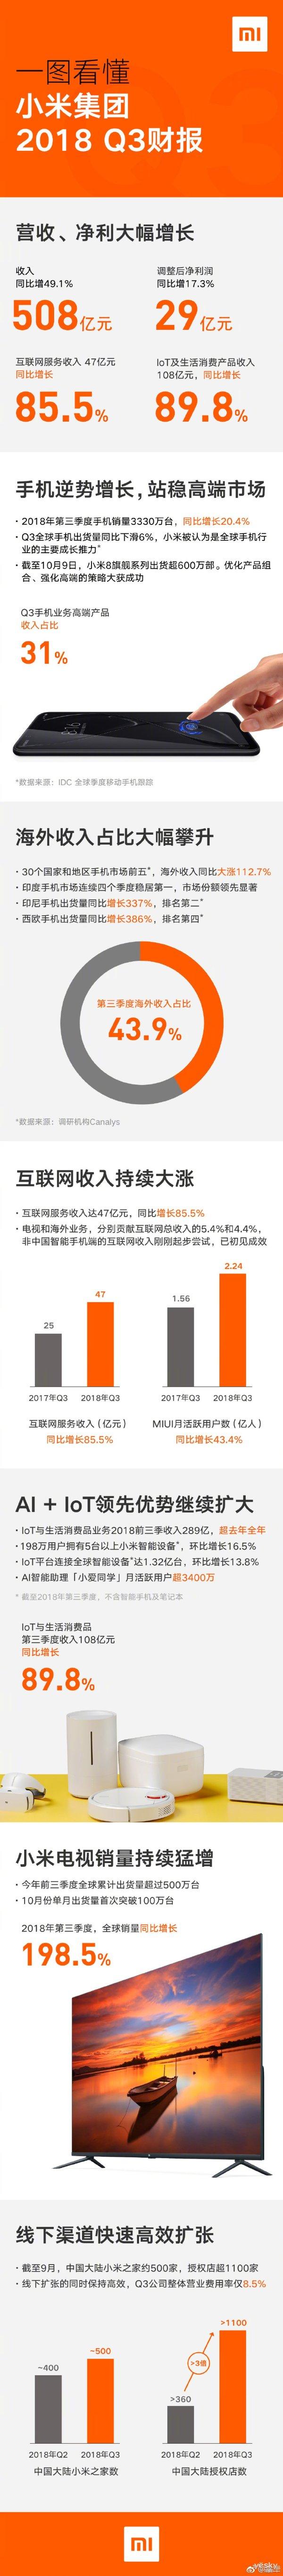 小米Q3财报:手机海外市场营收大涨112.7% 白色家电业务增势强劲